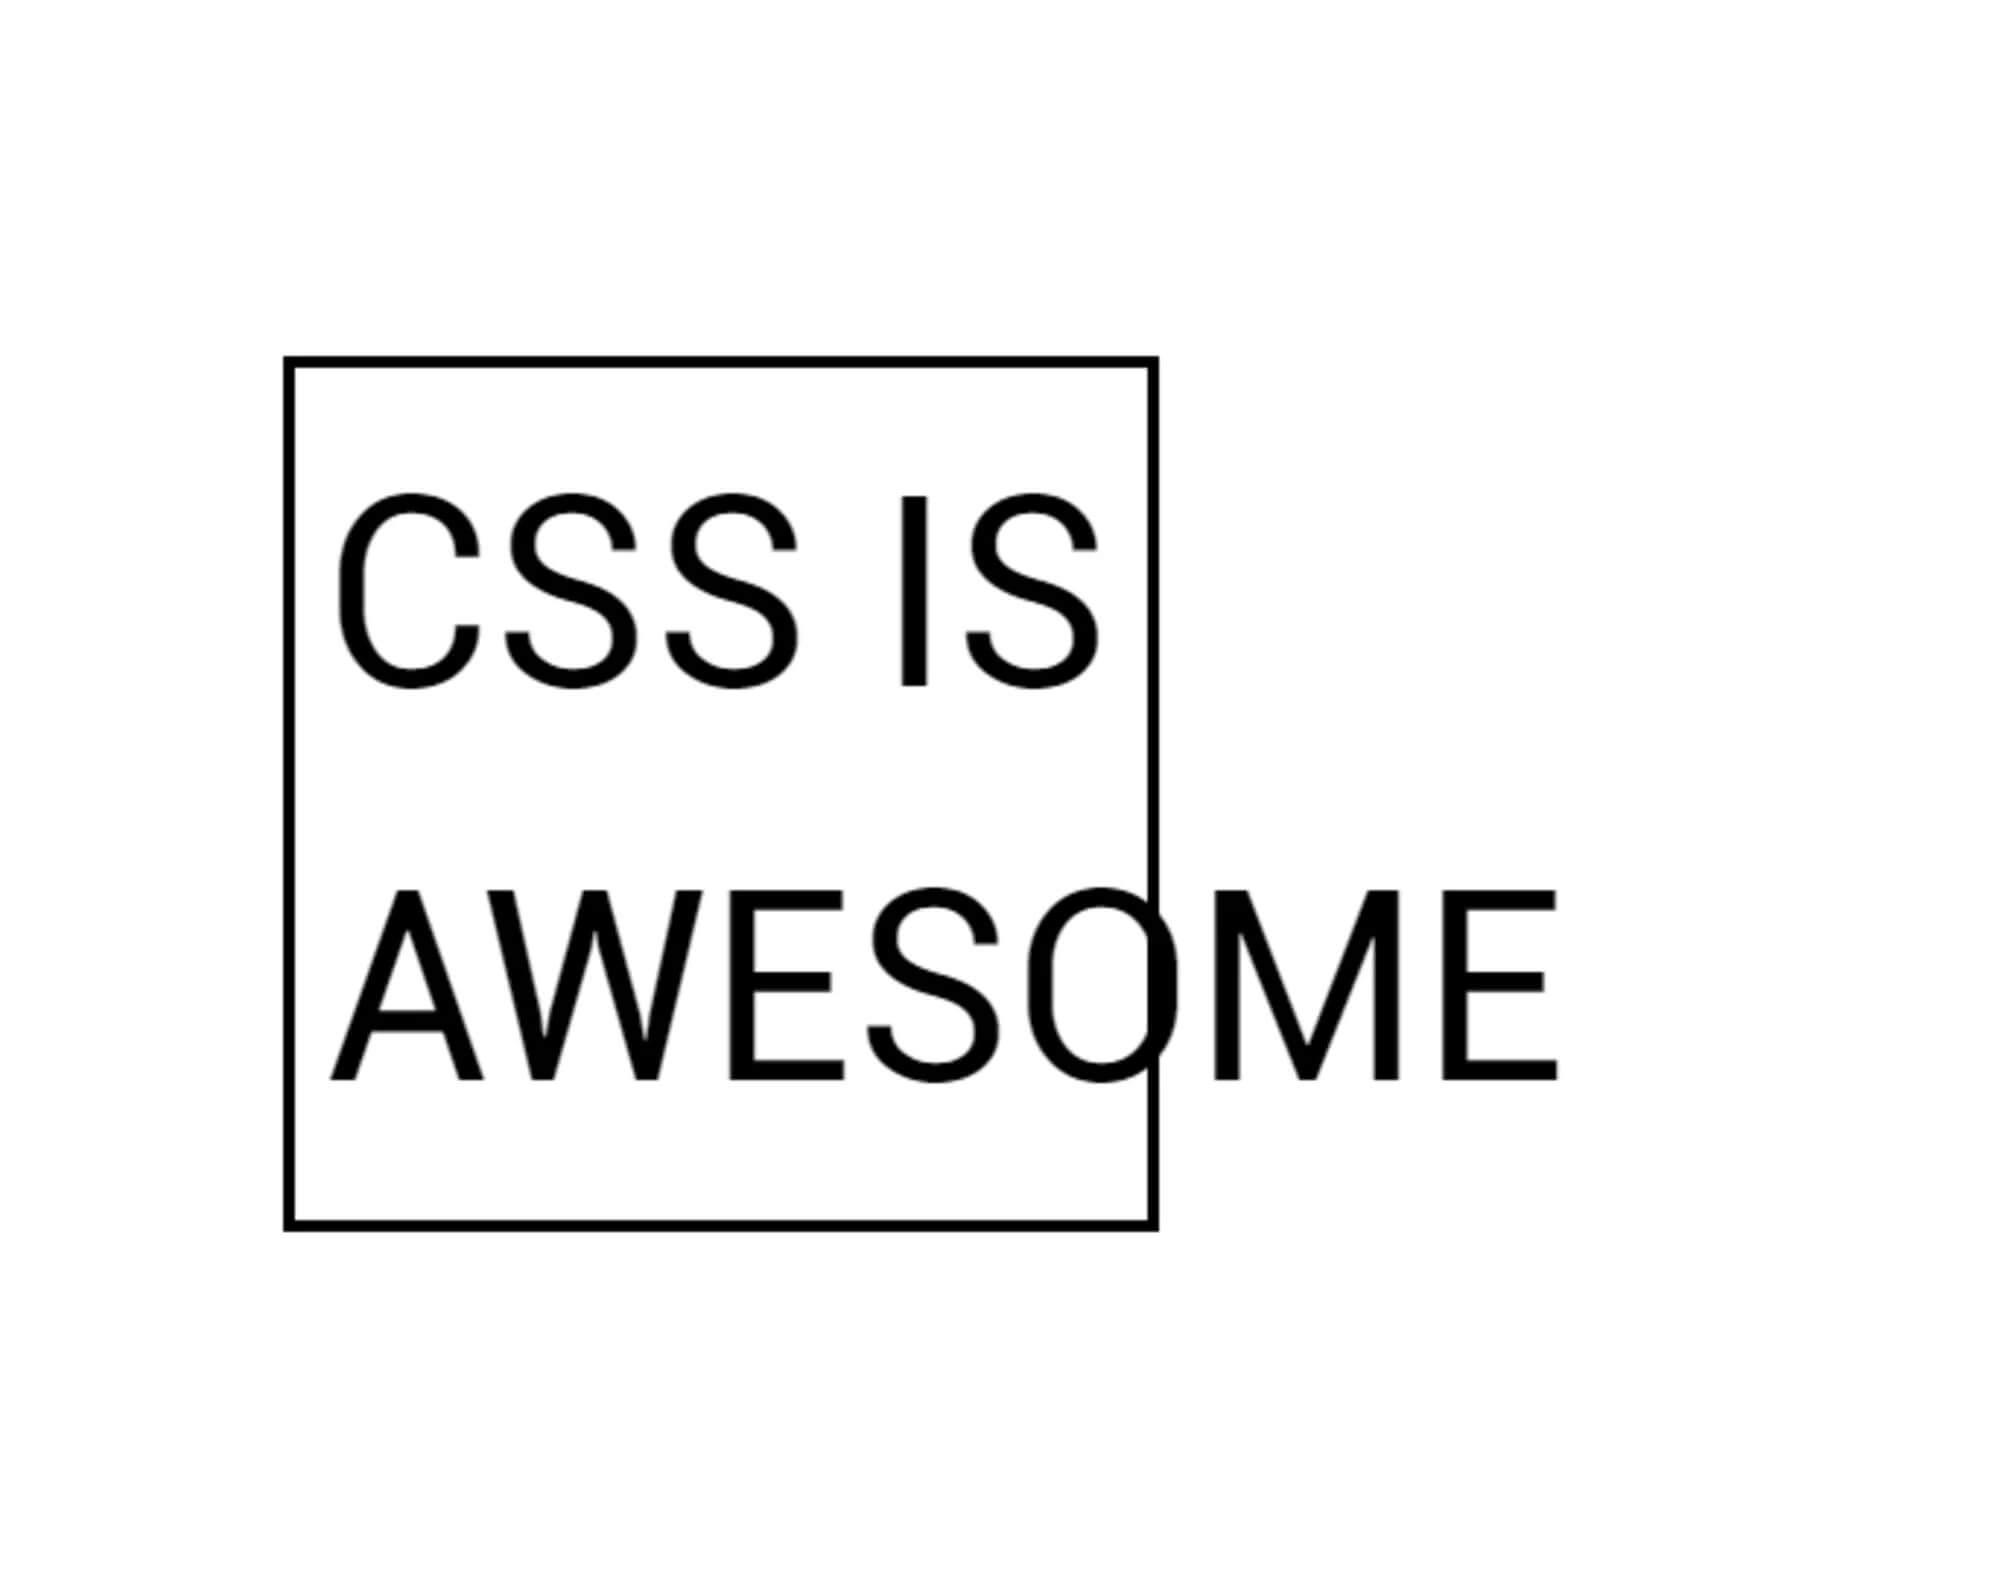 Переполнение и потеря данных в CSS - 1